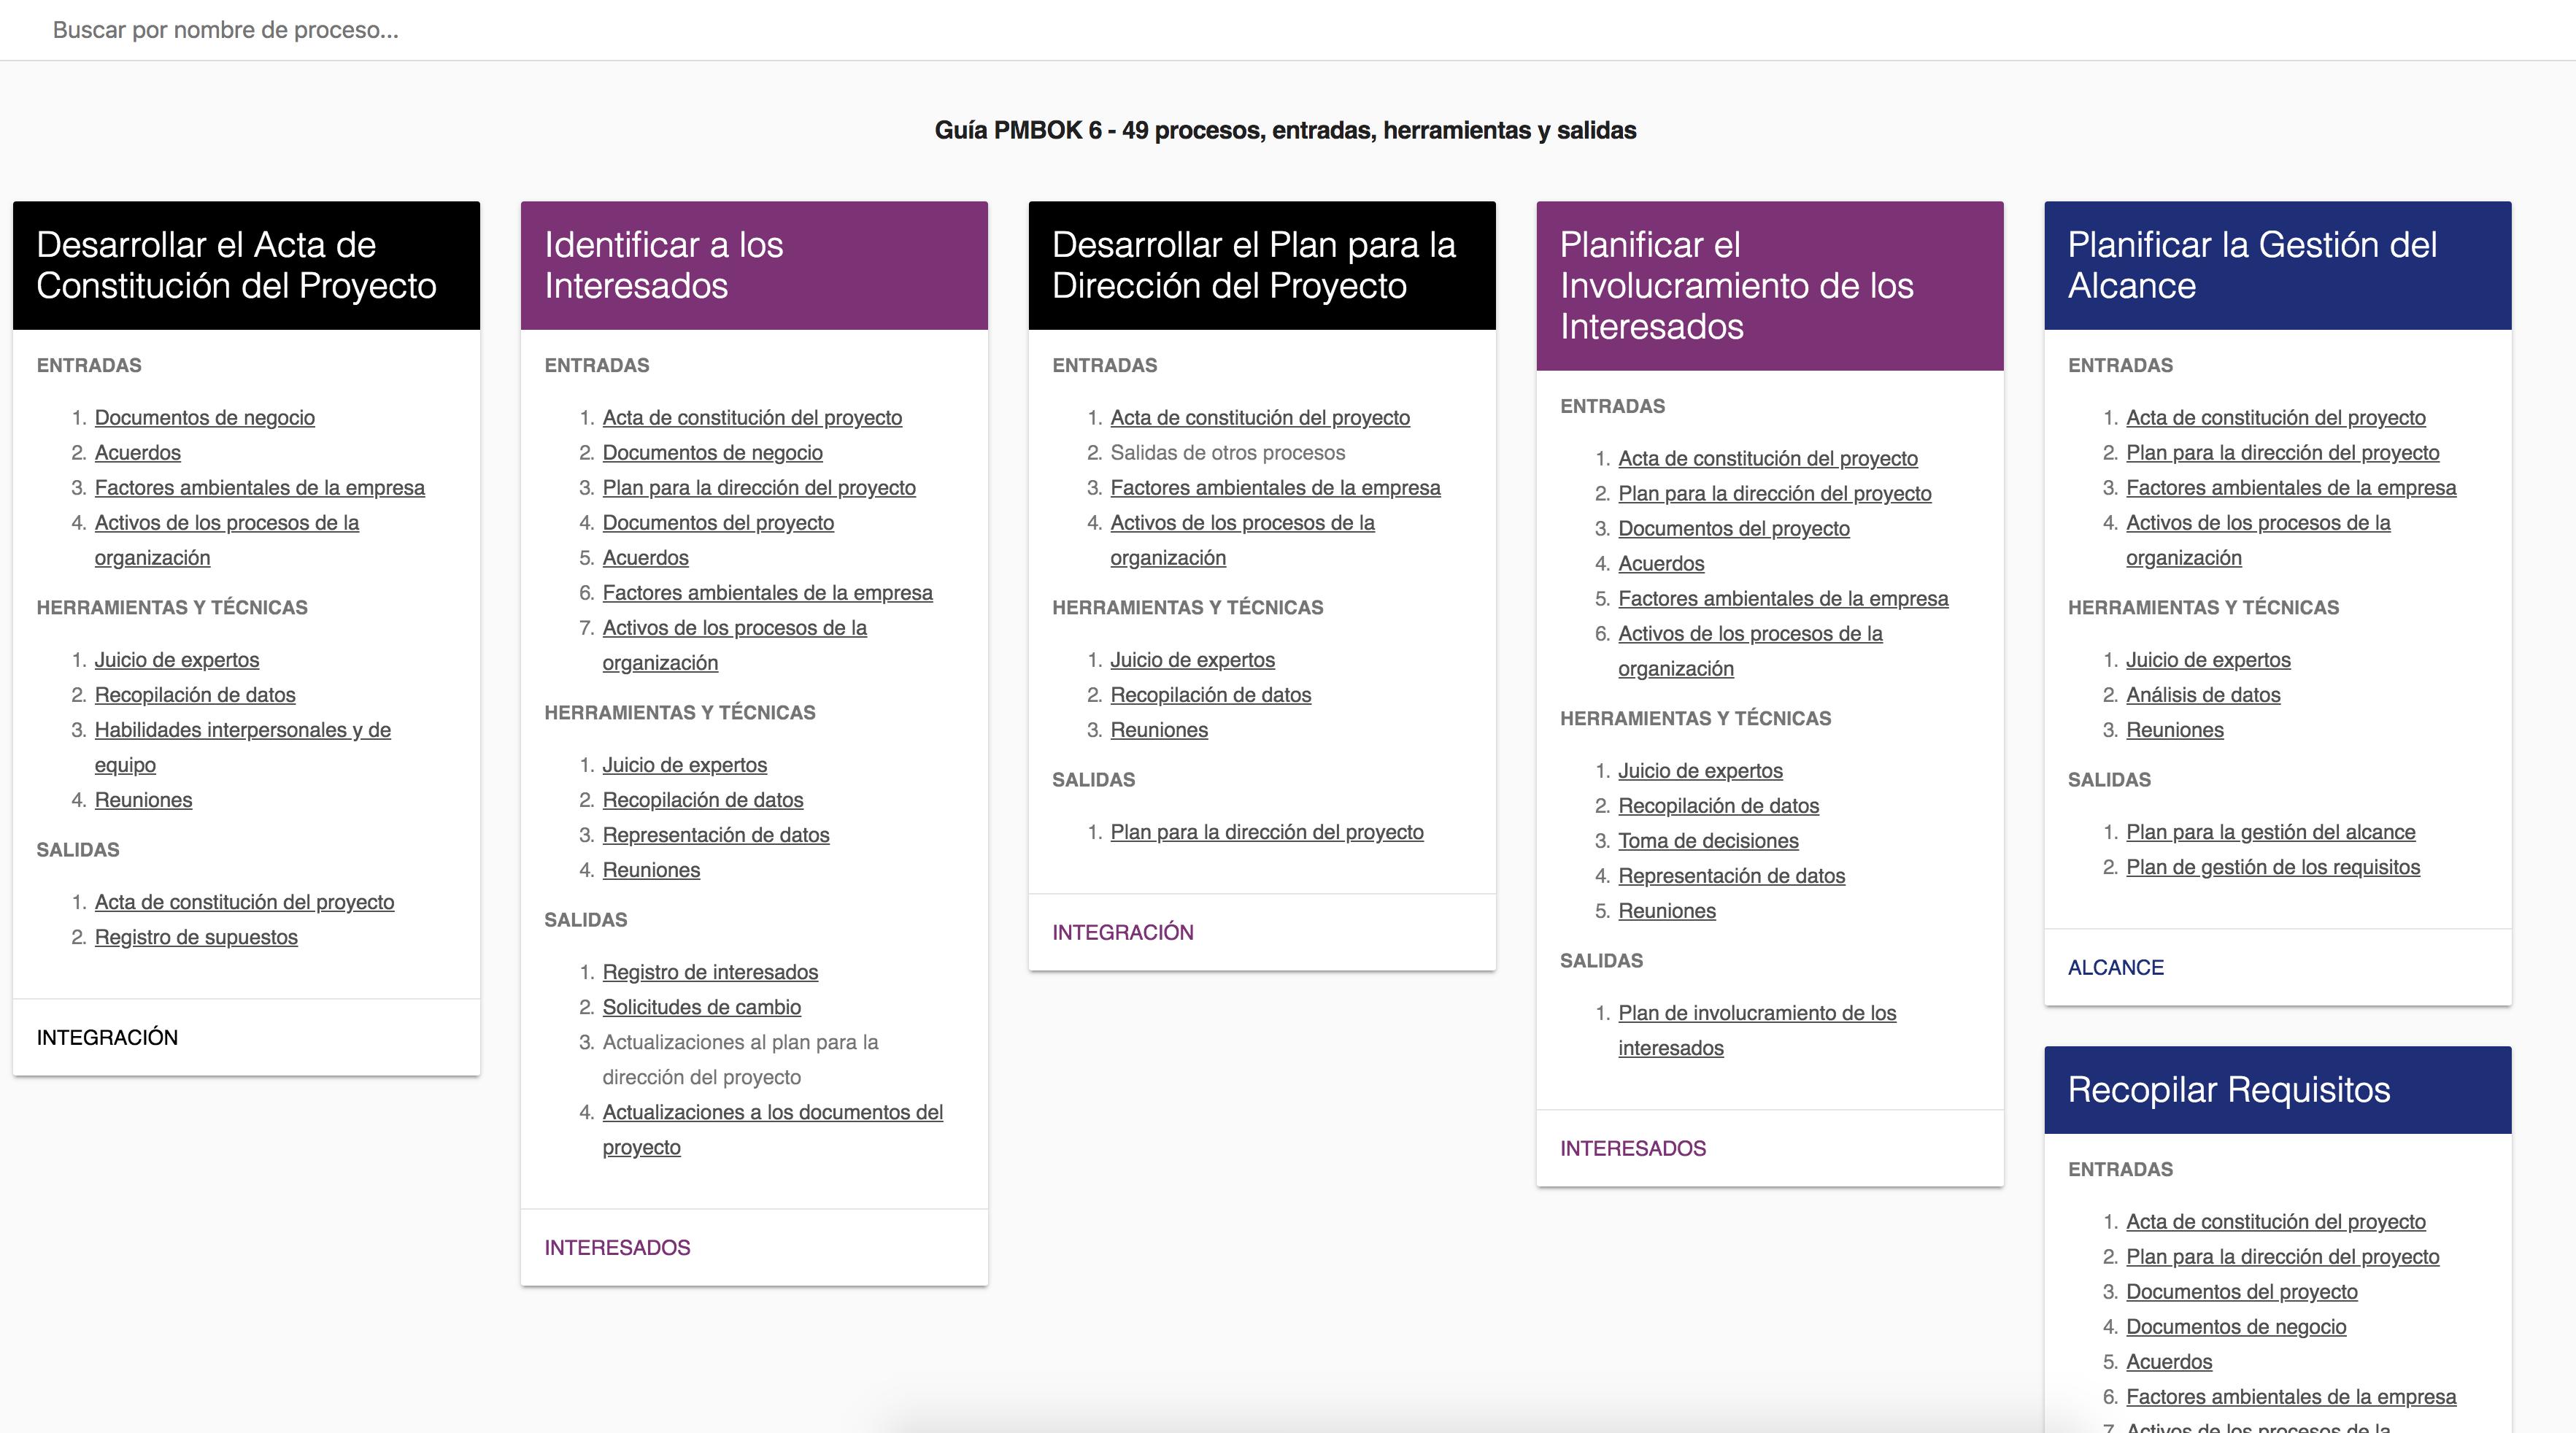 49 procesos de la guía PMBOK con sus entradas, herramientas y ...